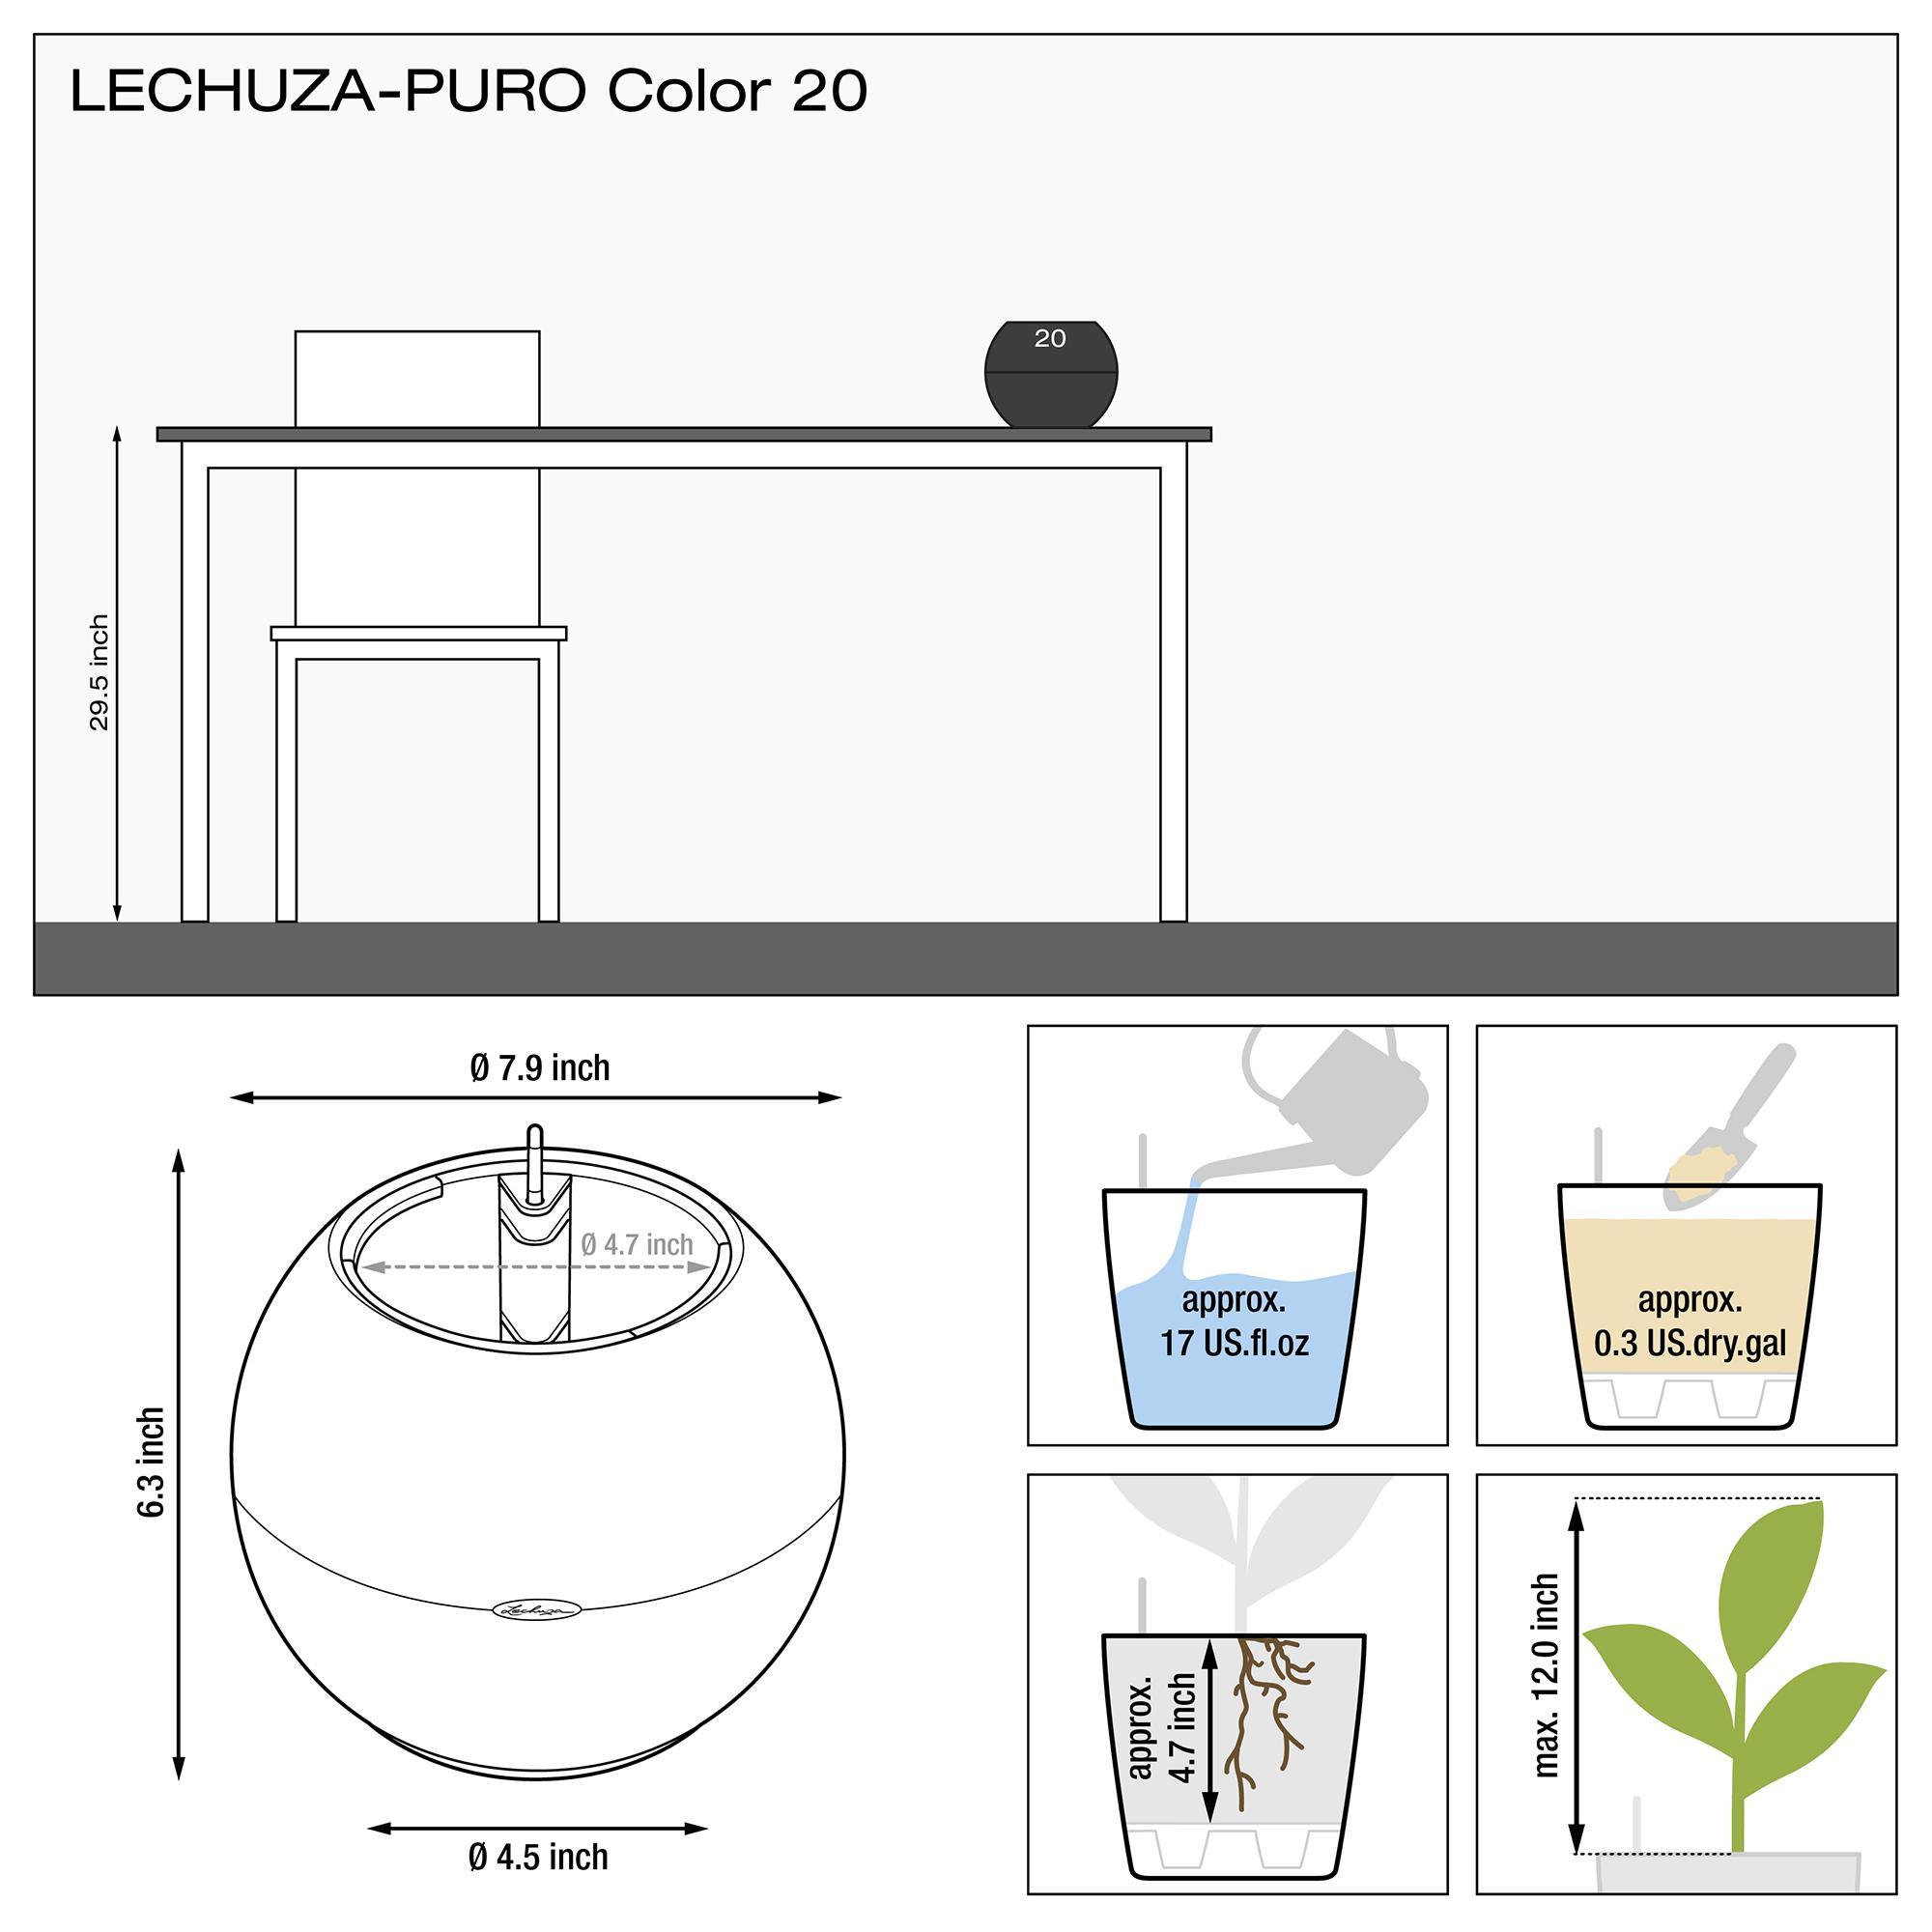 le_puro-color20_product_addi_nz_us